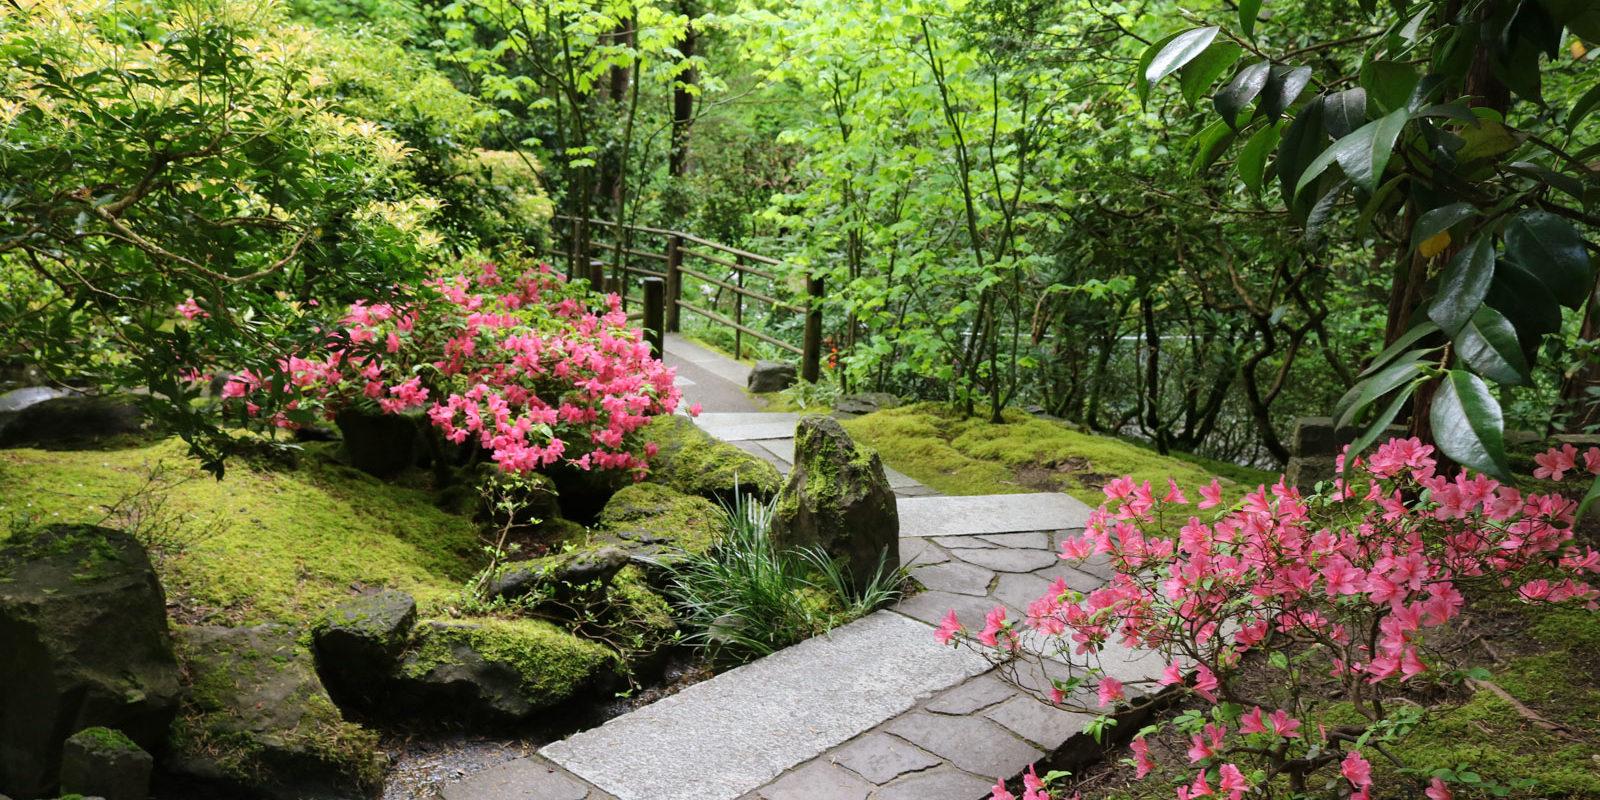 A walk through the natural garden portland japanese garden - When you walk through the garden ...